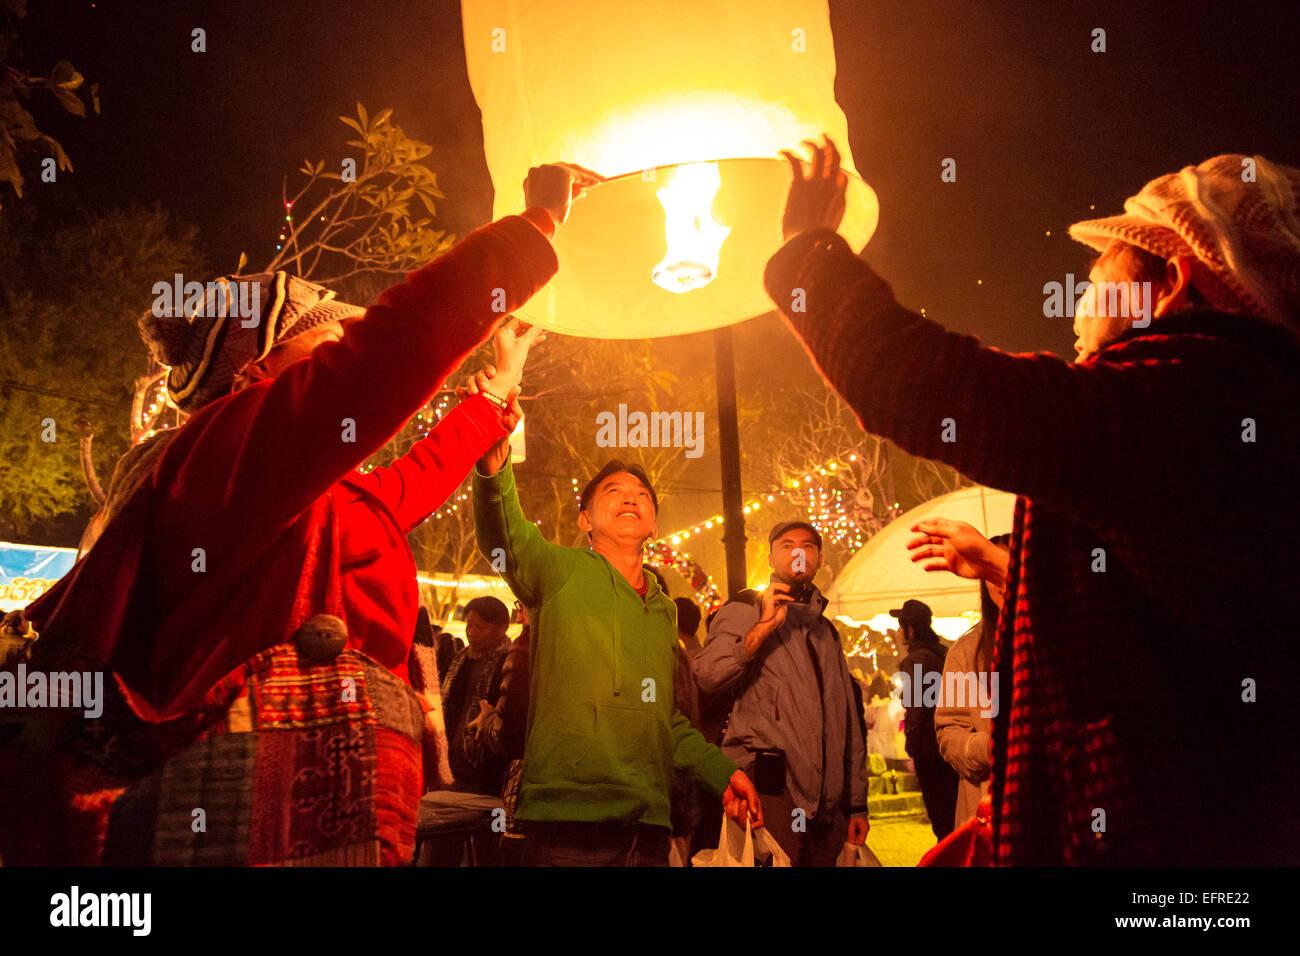 Lanternes d'éclairage des gens à la veille du nouvel an, Luang Prabang, Laos. Photo Stock